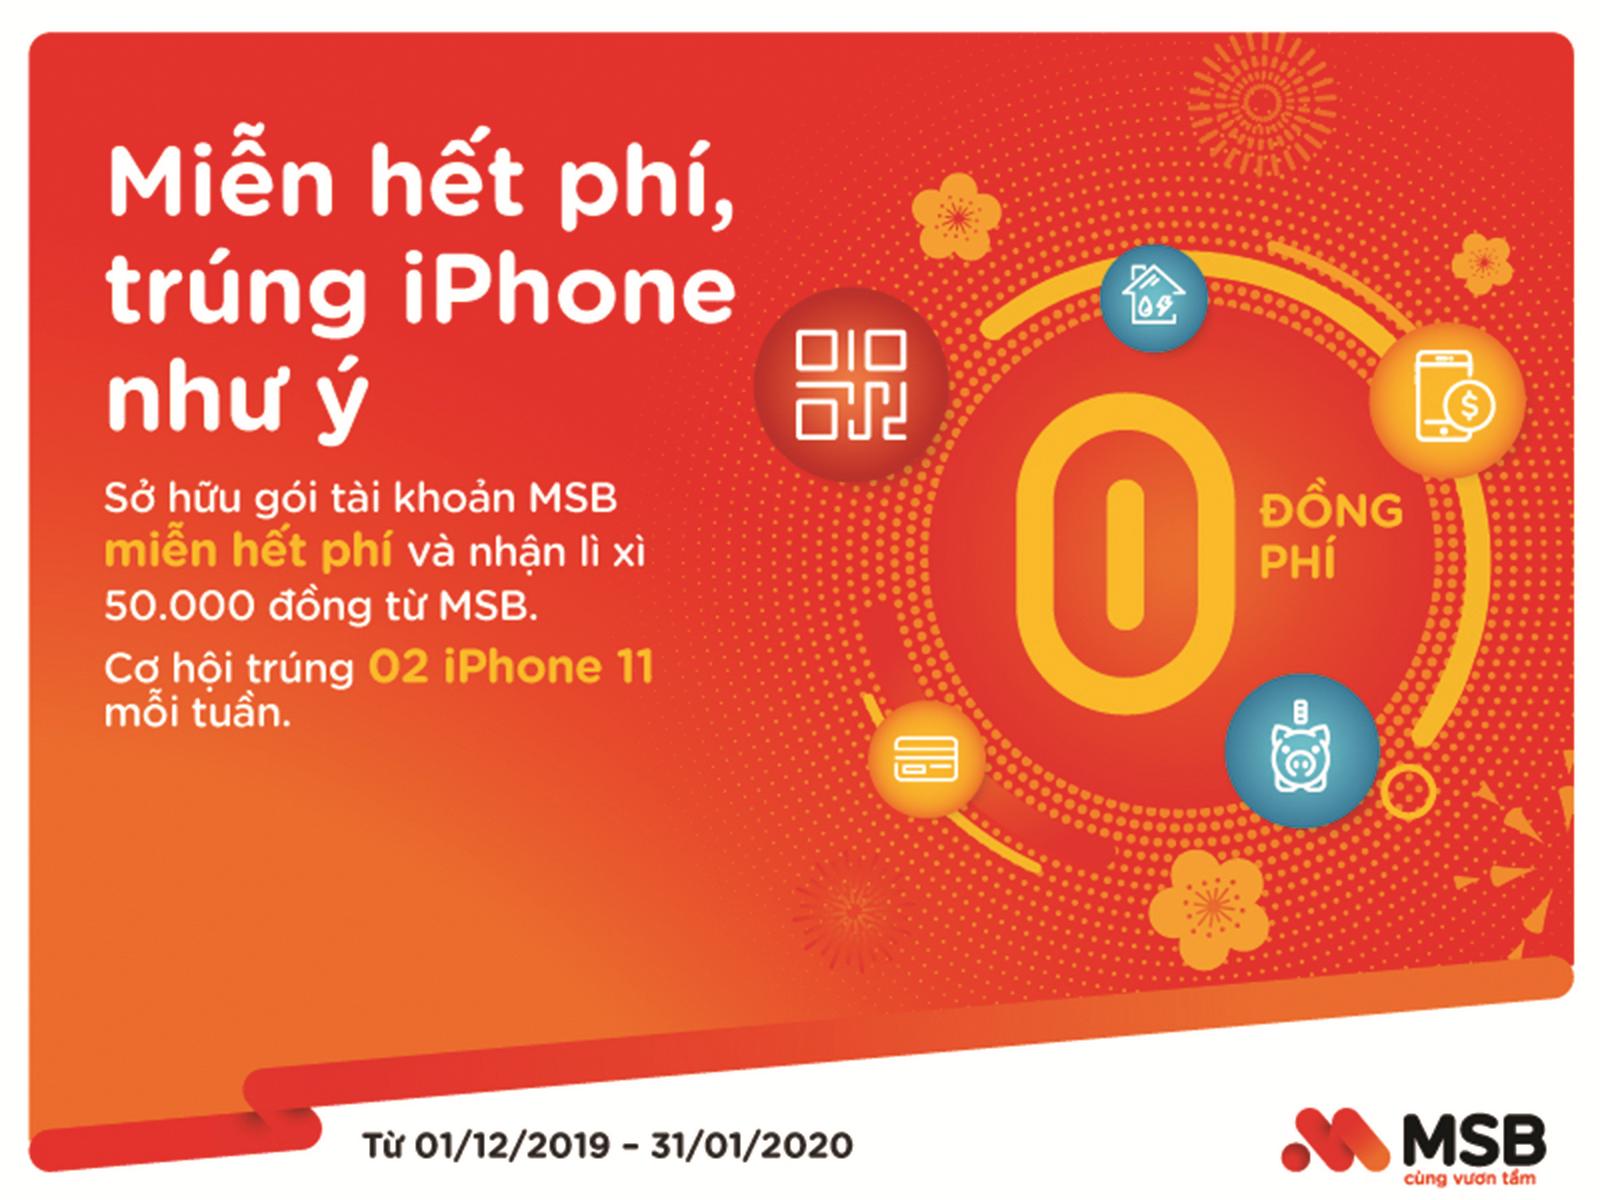 """""""Miễn hết phí – Trúng iPhone như ý"""" khi giao dịch trên ngân hàng điện tử MSB"""